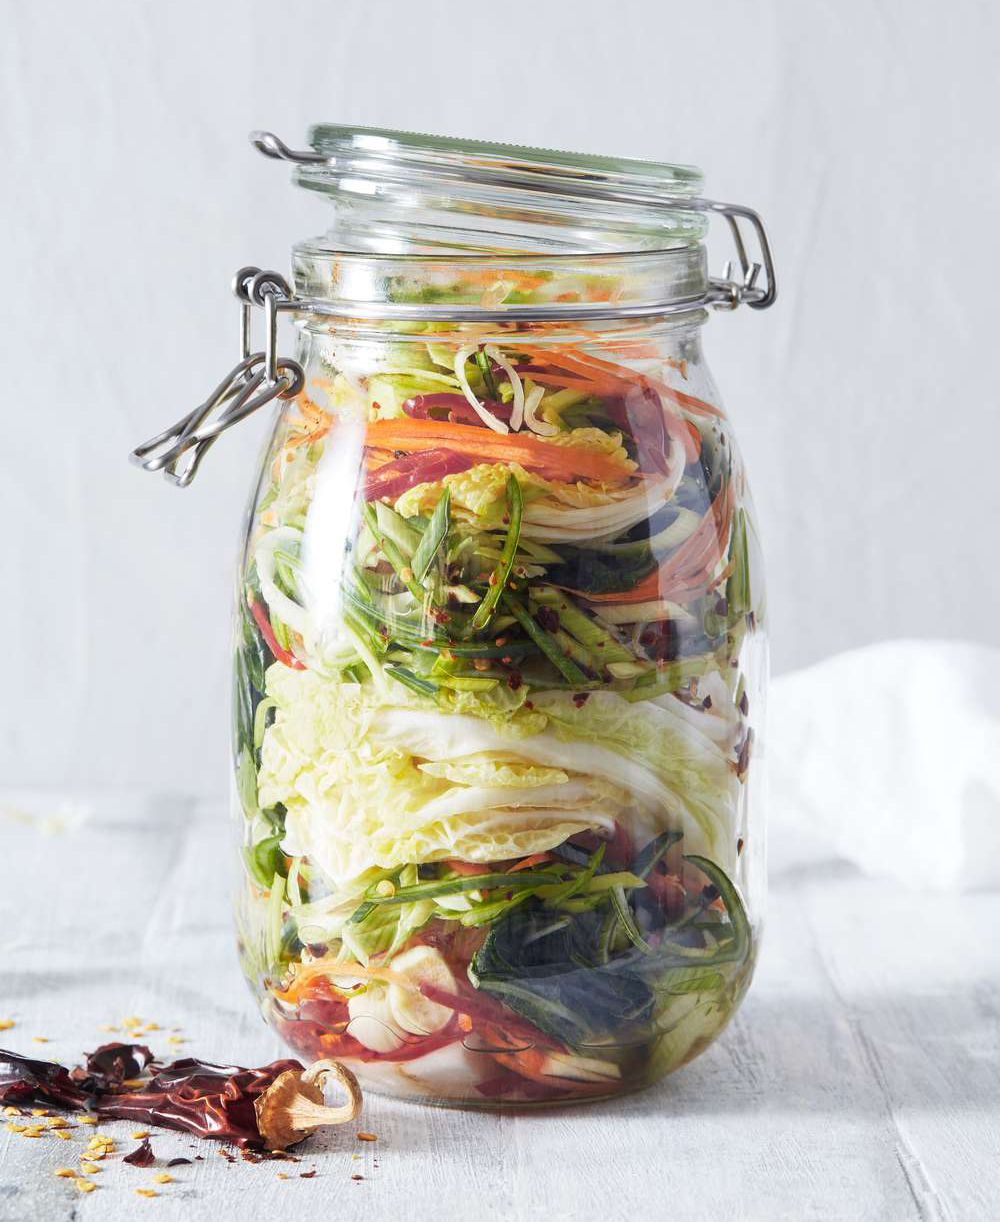 Recept: Kimchi – Syrade grönsaker på burk